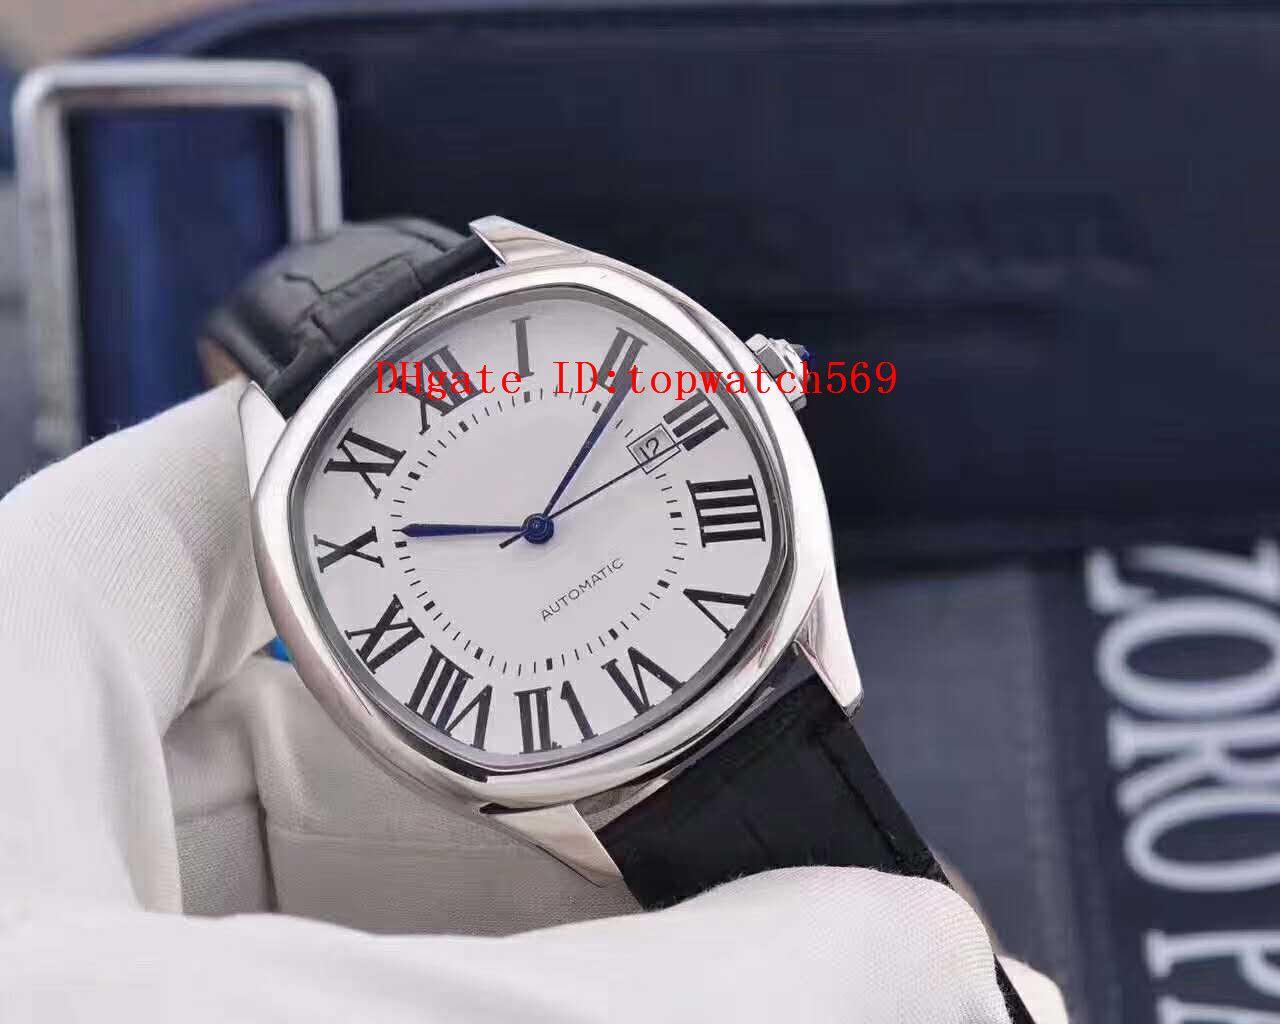 Top Drive De reloj del reloj para hombre del reloj suizo 2824-2 automático 28800 vph 316L de acero de 100 mm de zafiro resistente al agua Correa de cuero de Italia